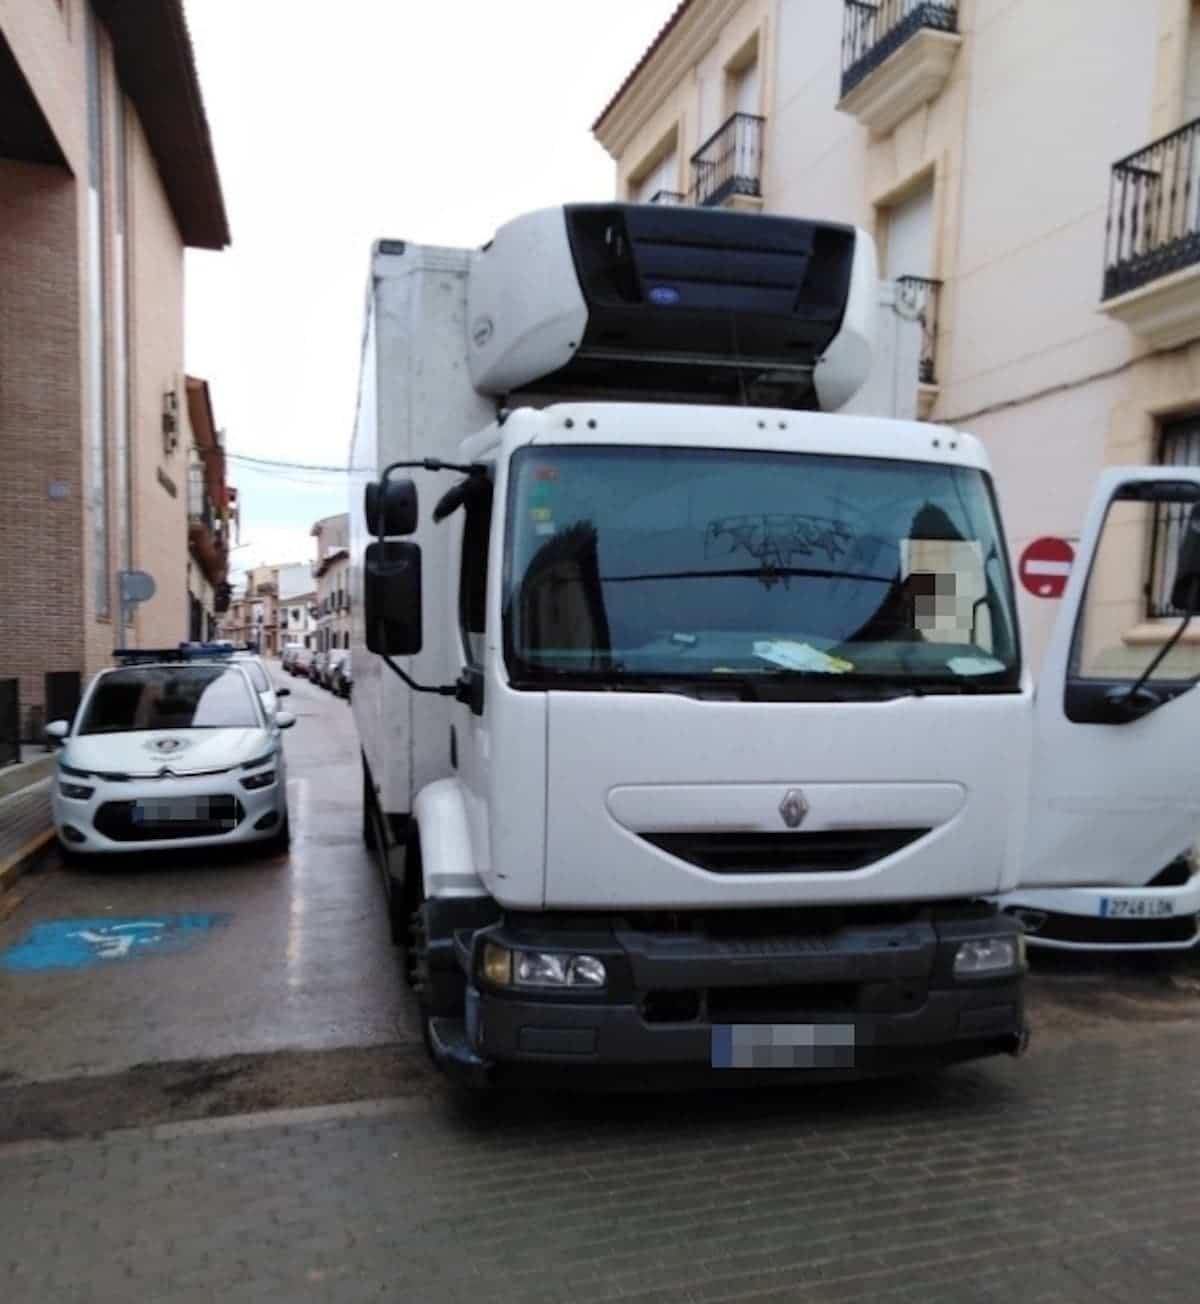 camion de gran tonelaje en herencia - Los vehículos pesados deben cumplir la ordenanza municipal para acceder a zonas peatonales